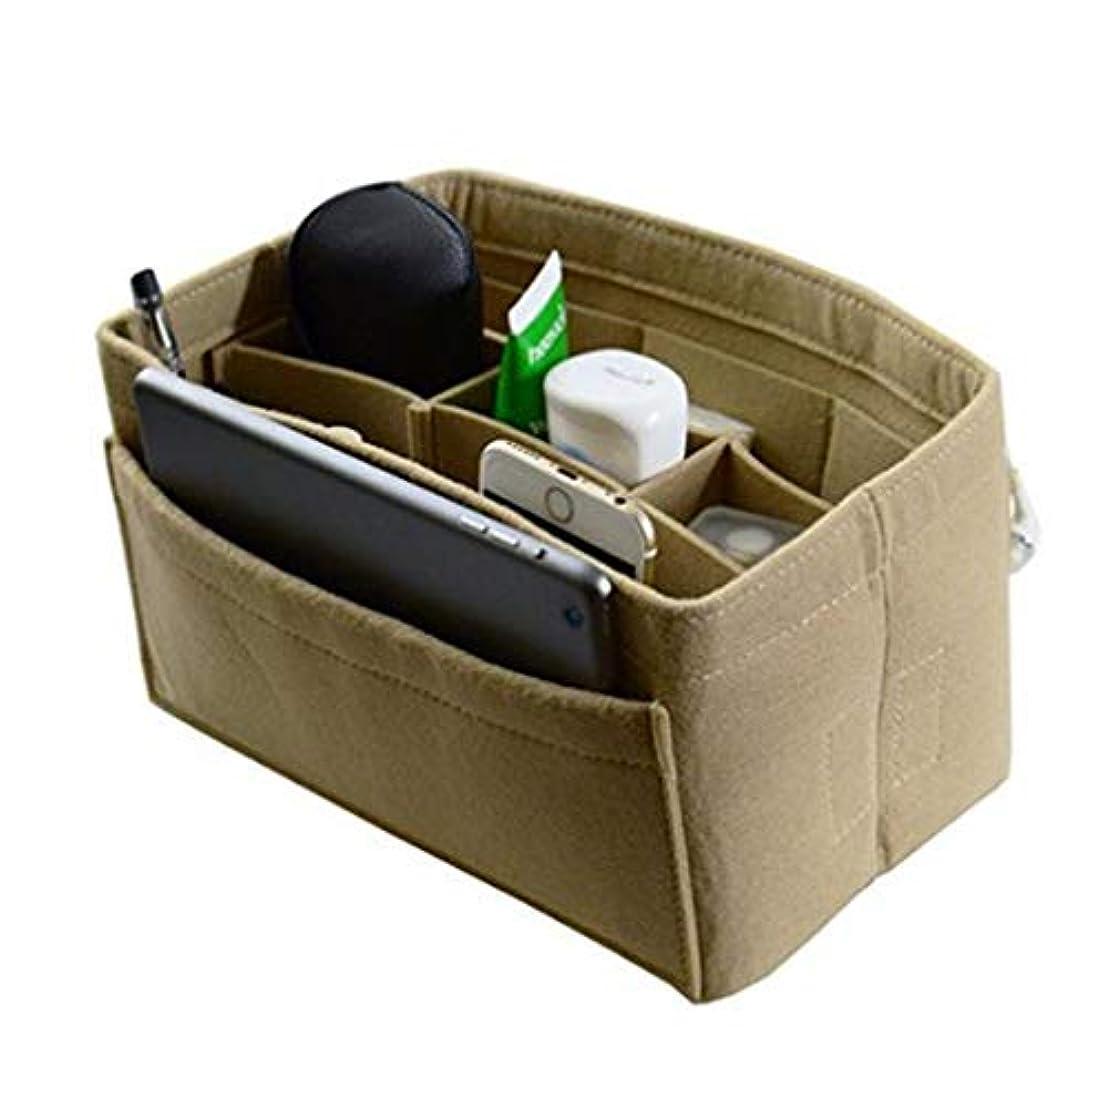 下着裸不安定JIOLK バッグインバッグ 軽量 フェルト収納ボックス 収納力抜群 インナーバッグ メイクバッグ 自立できる 分類ケース 日常小物収納 大容量 多機能 化粧ポーチ 仕分け